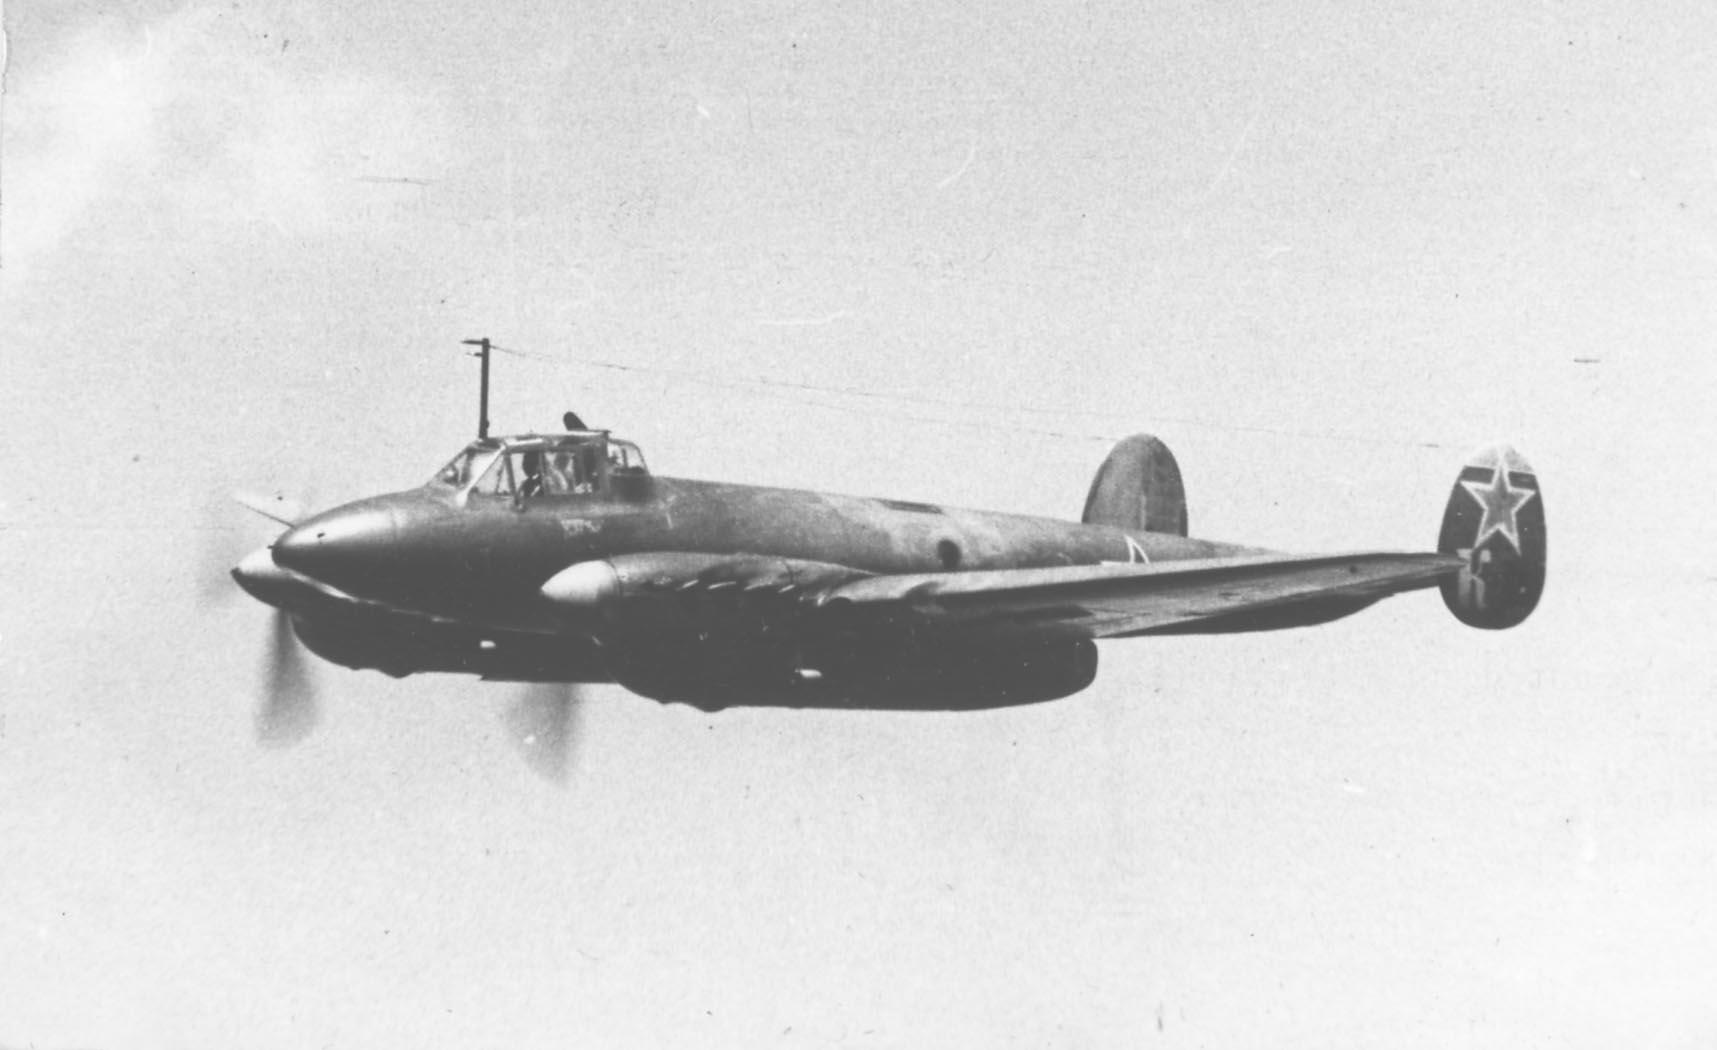 Советский бомбардировщик Пе-2 командира авиаэскадрильи в полете. Ленинградский фронт. 1943